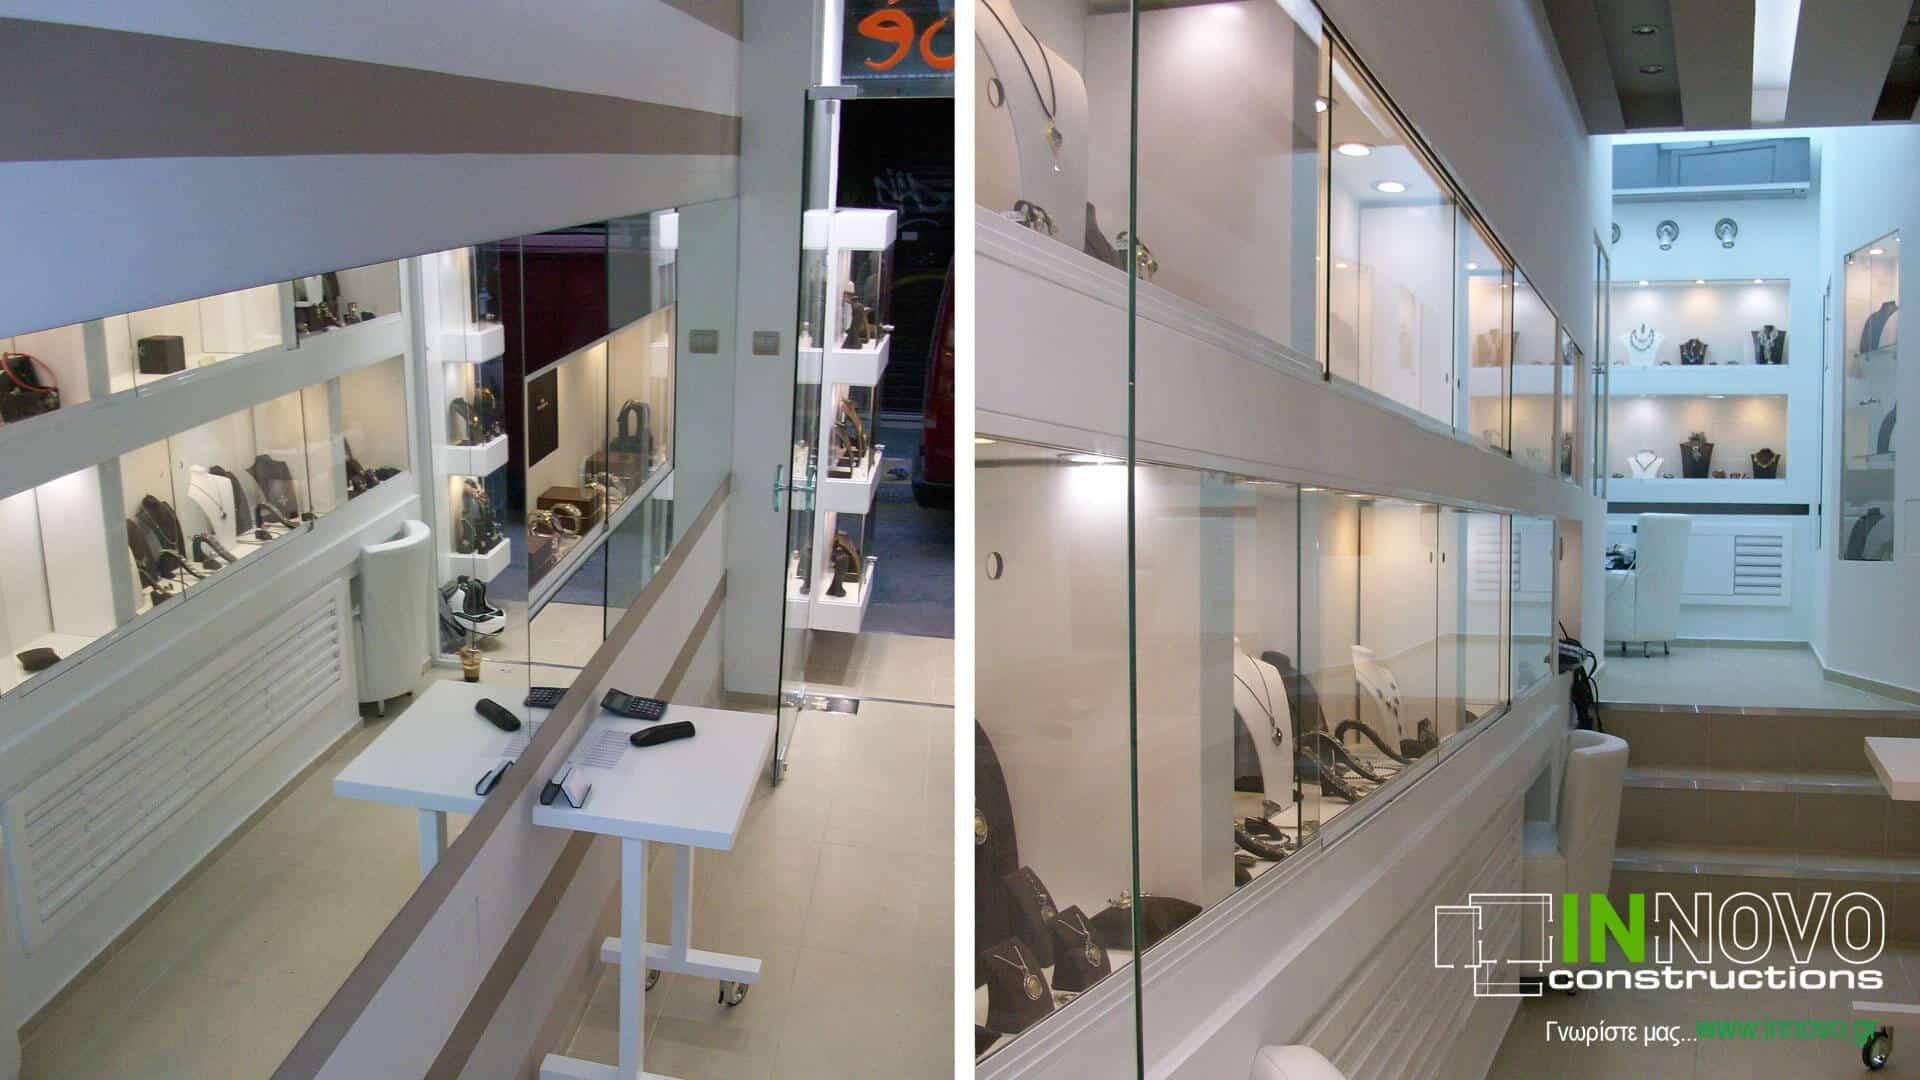 kataskevi-kosmimatopoleiou-jewelry-construction-kosmimatopoleio-monastiraki-1120-2-1